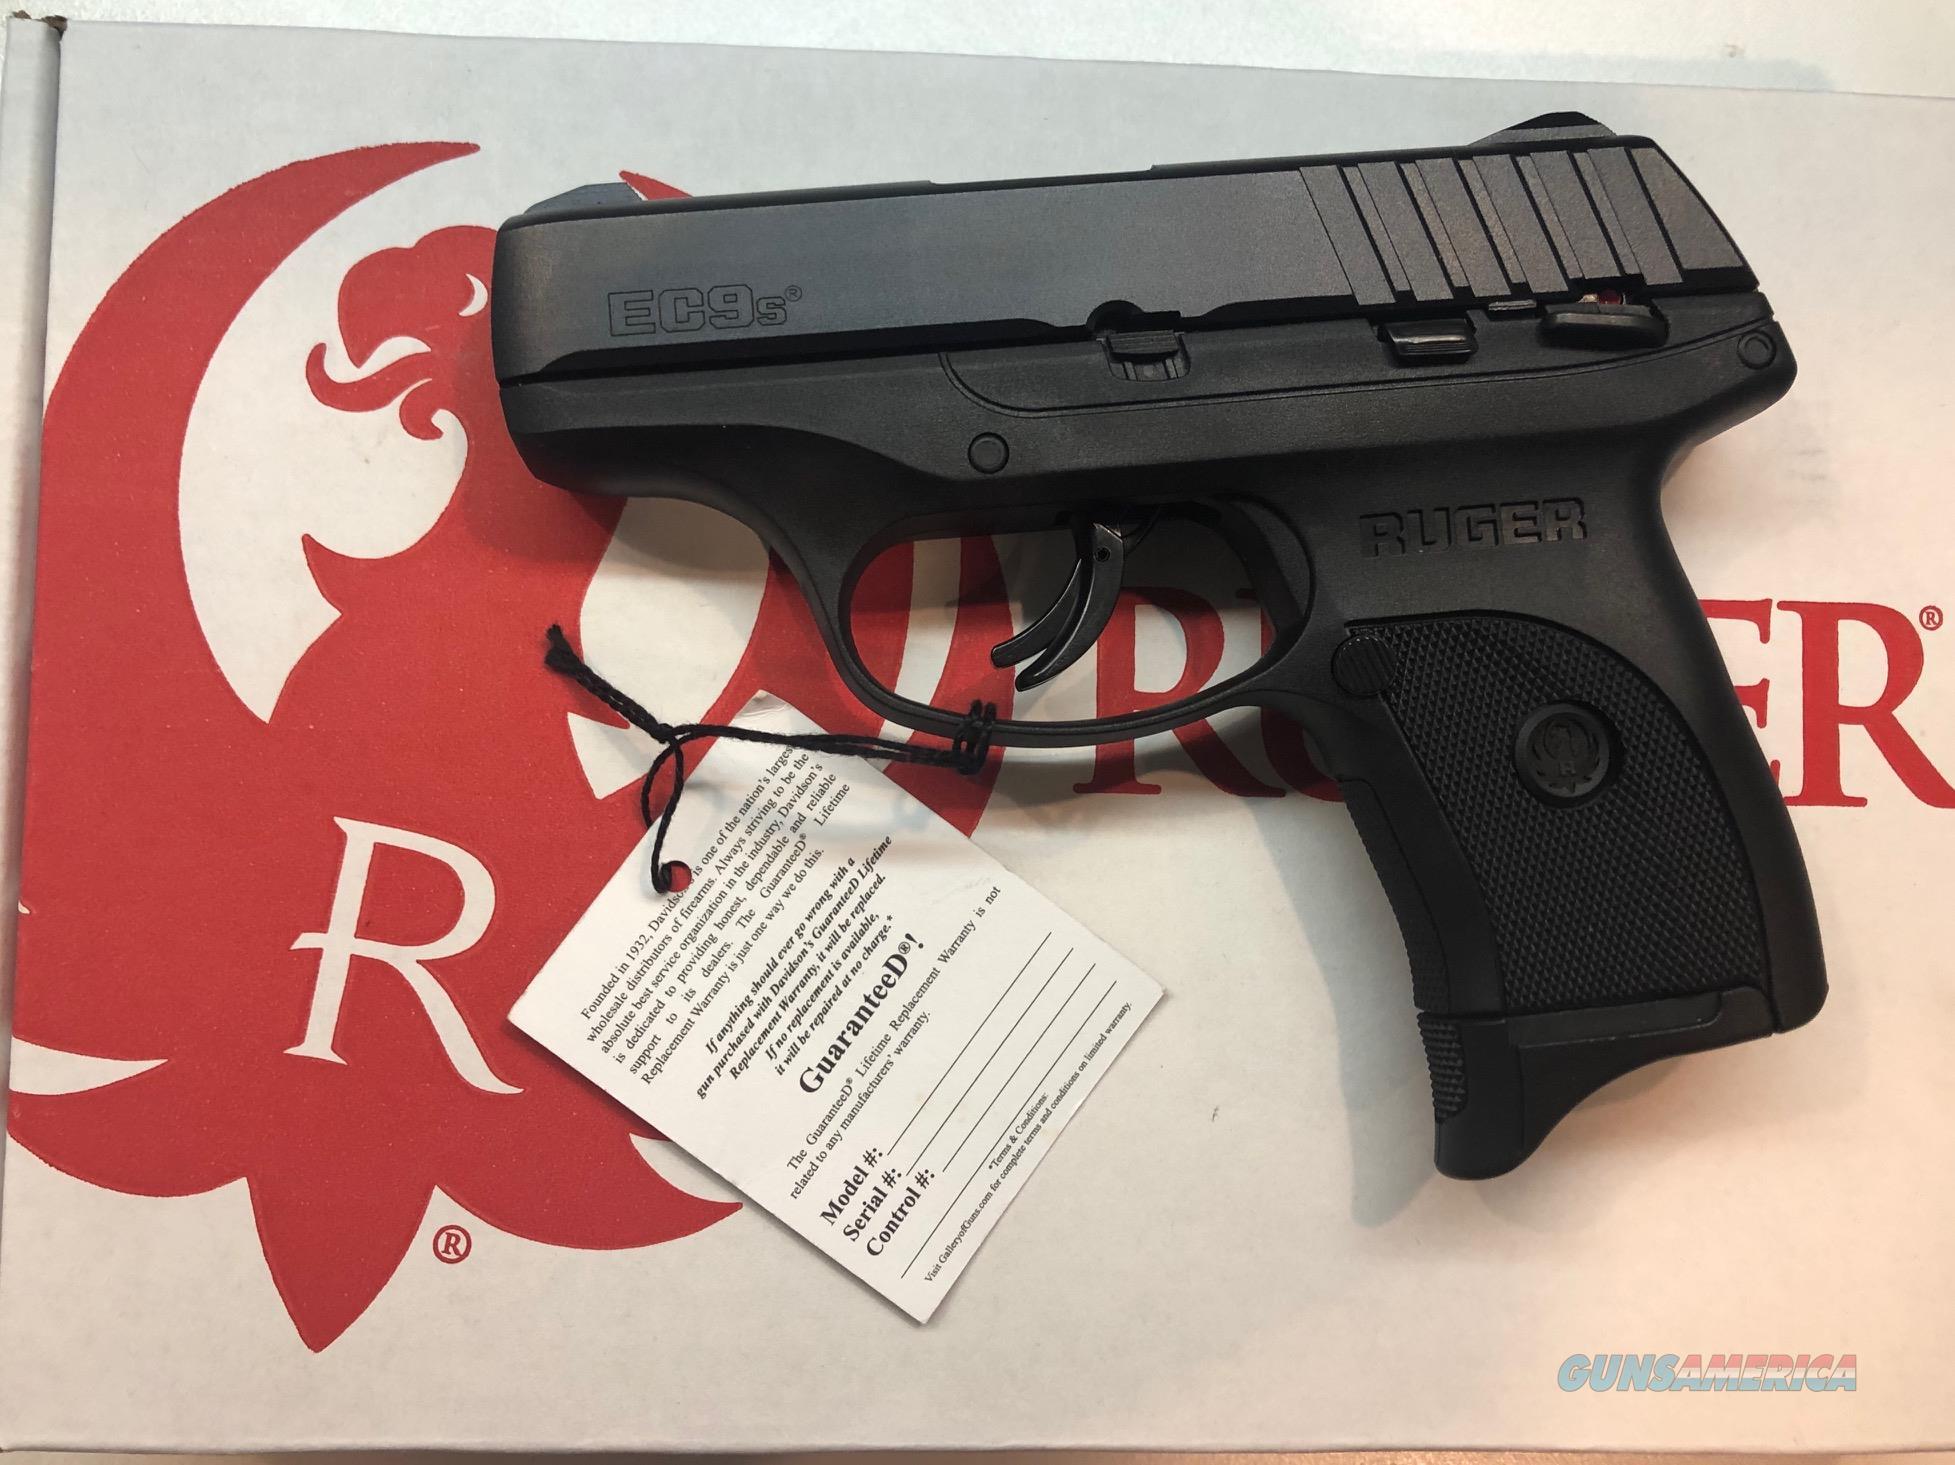 New Ruger EC9s 9mm Model 03283 EC9 9   Guns > Pistols > Ruger Semi-Auto Pistols > EC9